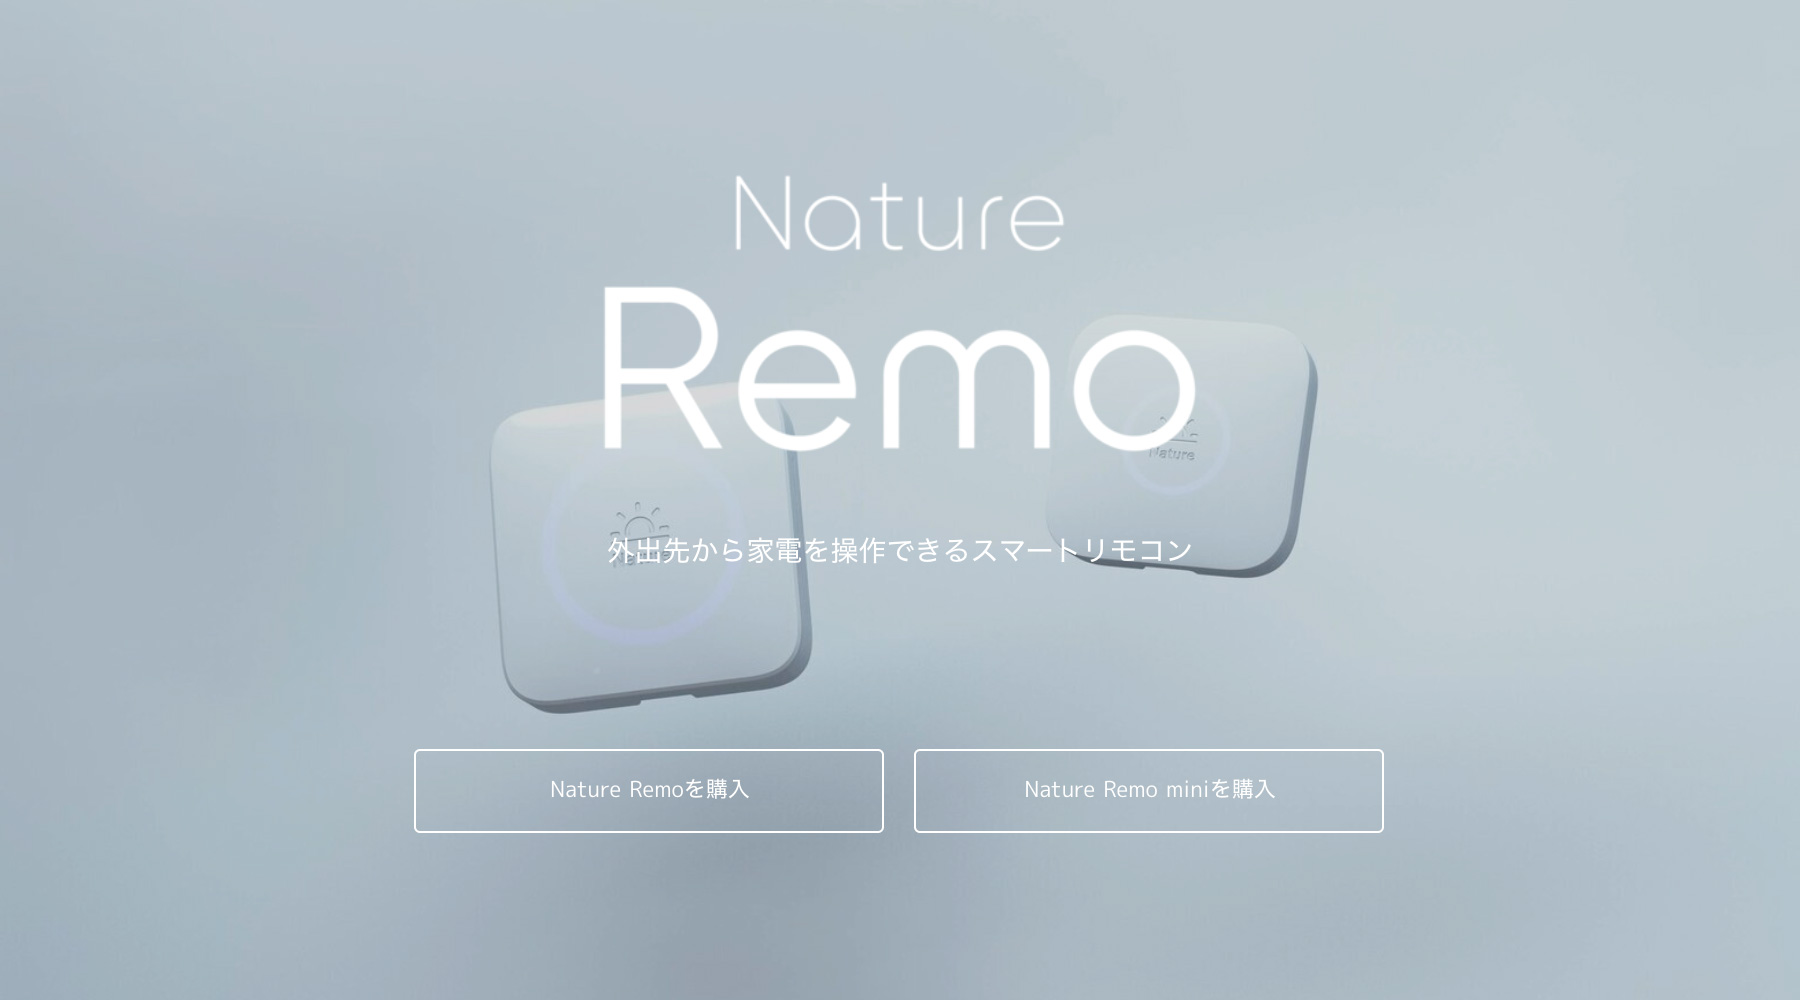 【楽天スーパーSALE】スマートリモコン「Nature Remo」がお買い得